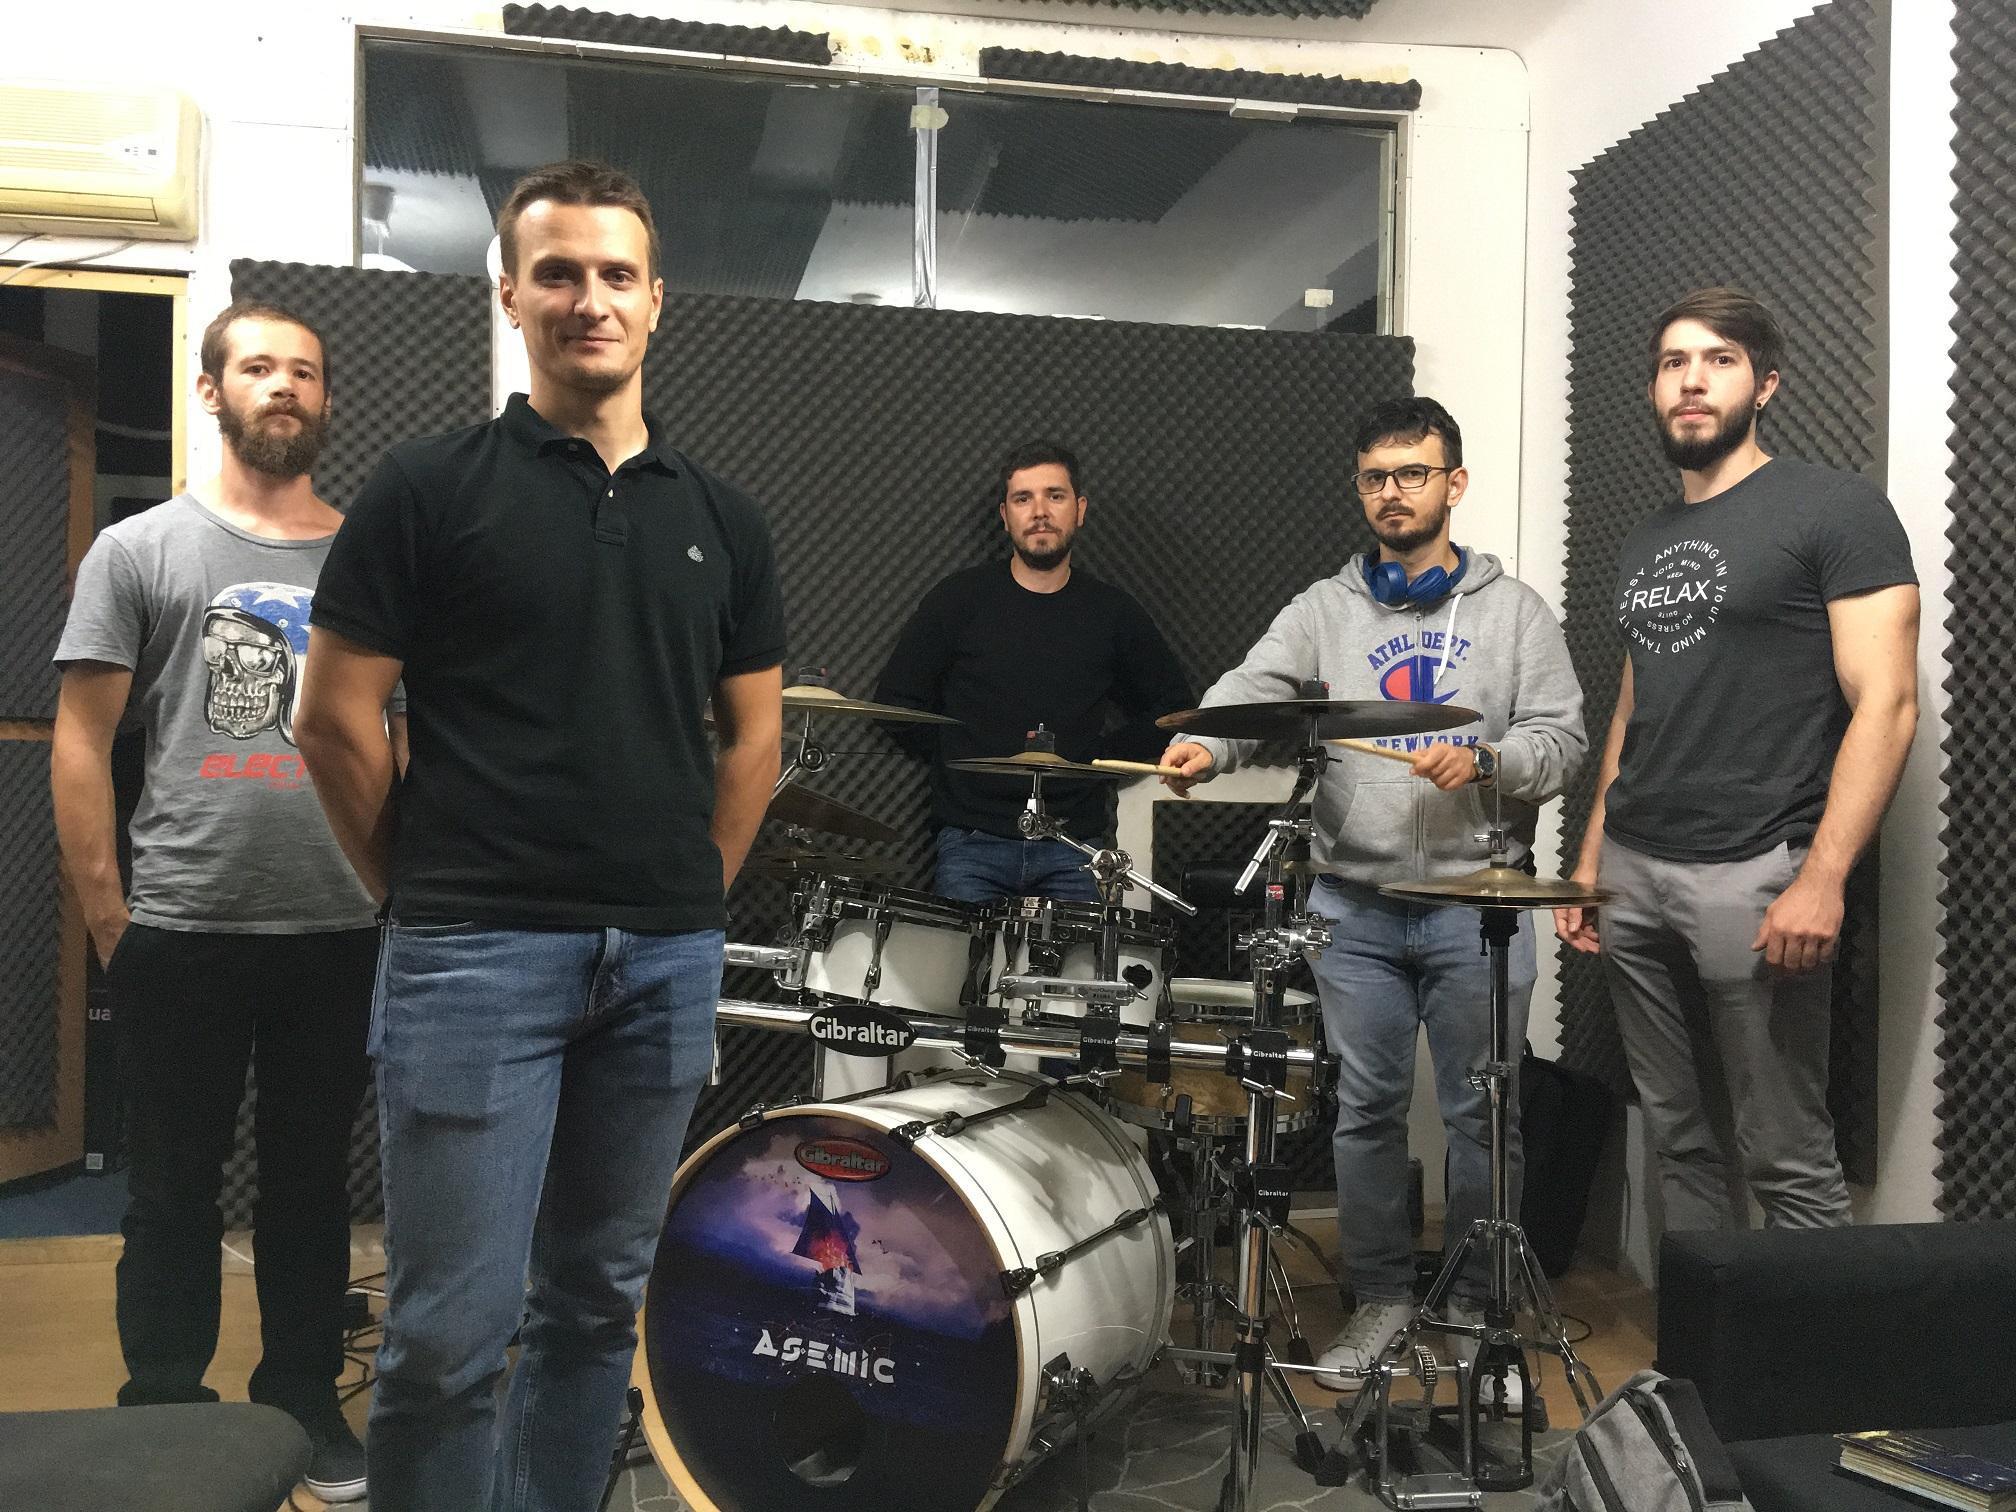 Dacă ești atent la detalii și ești nerd, s-ar putea să-ți placă progresivul – interviu cu trupa Asemic